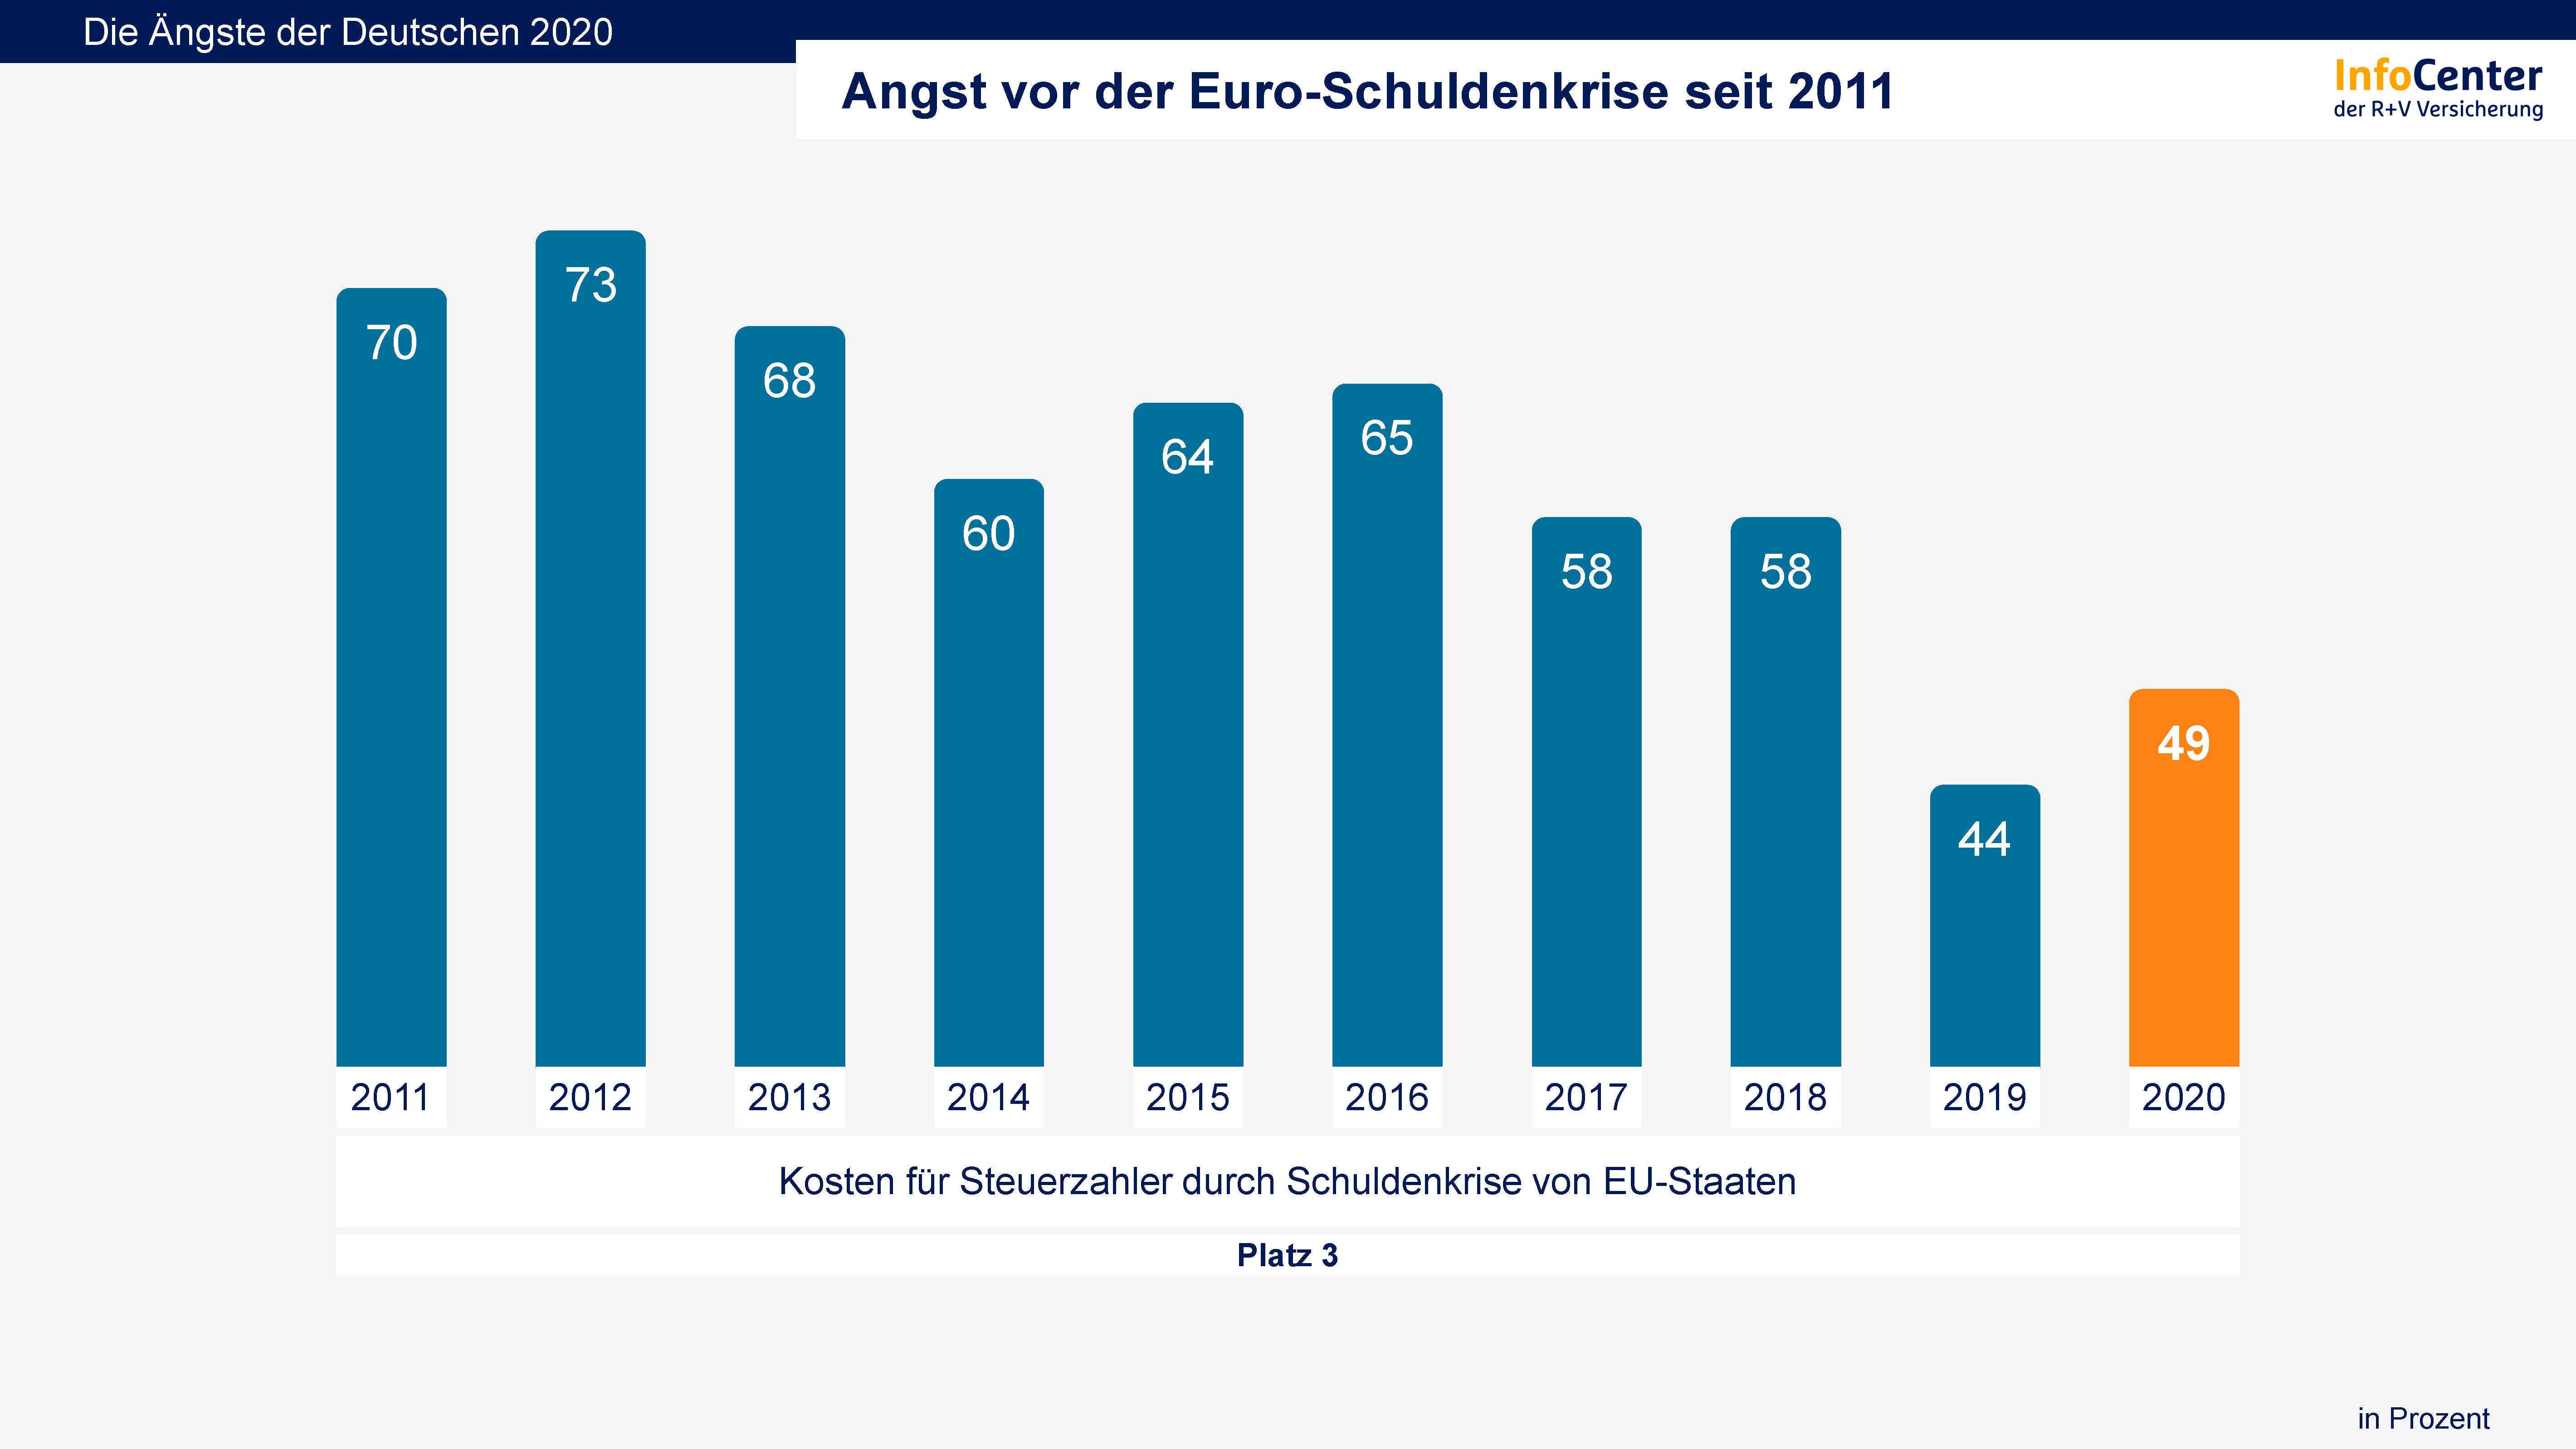 Neue Themen Werfen Fragen Auf Seit 2011 Befragt Das R V Infocenter Die Deutschen Nach Ihrer Angst Vor Der Euro Schuldenkrise